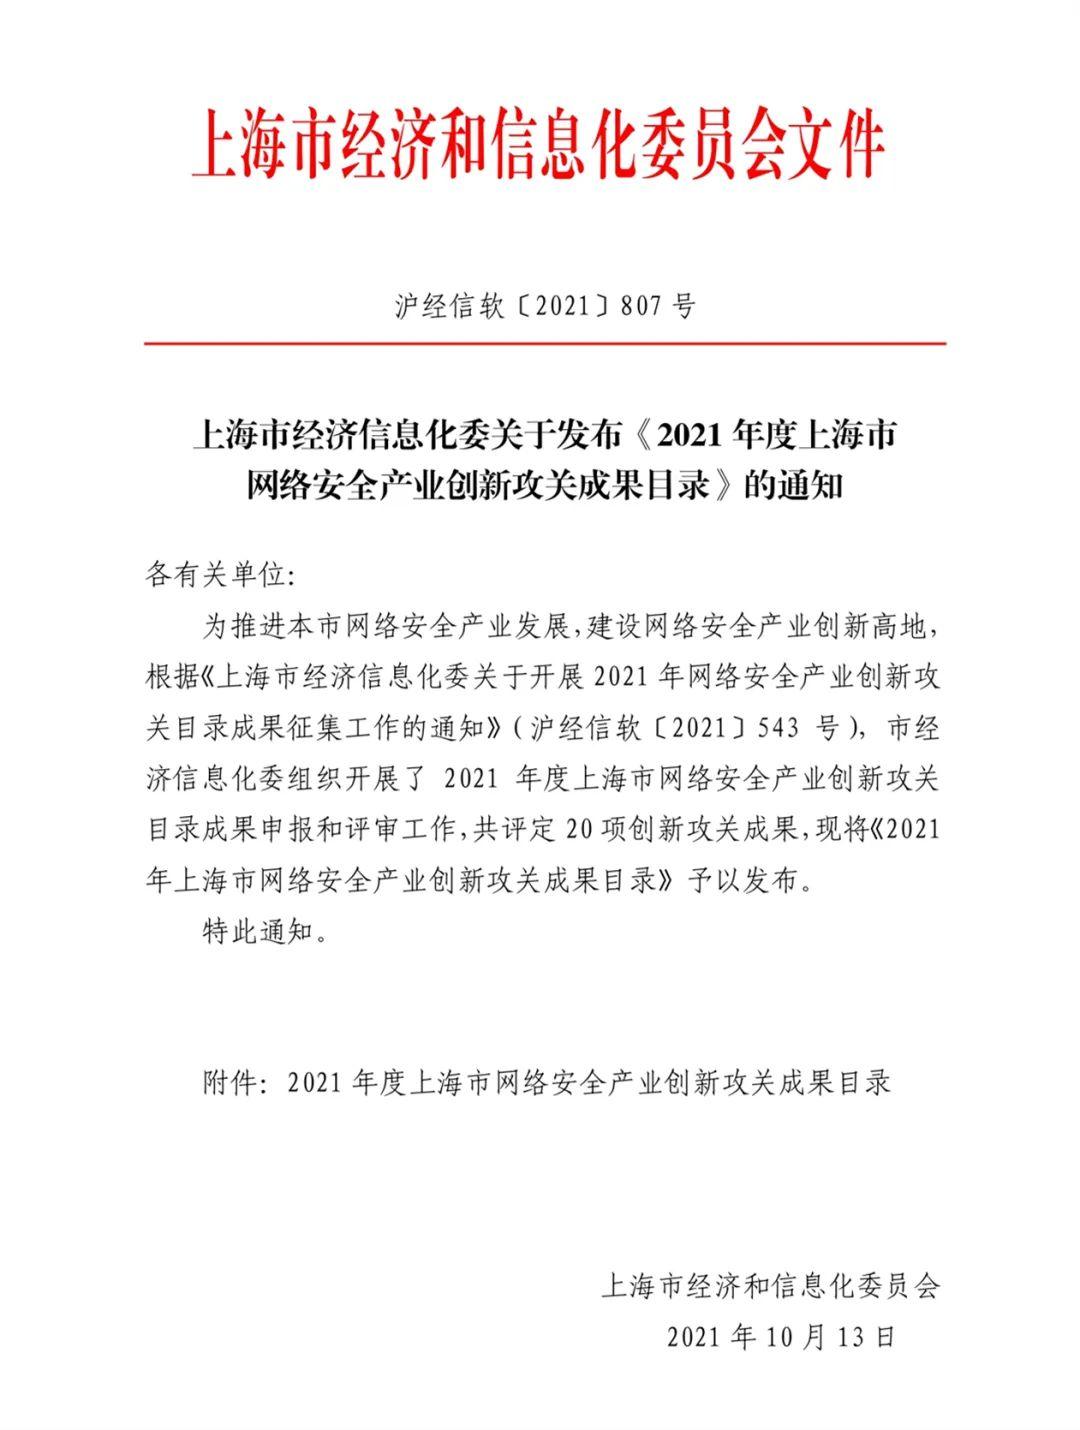 《2021上海网络安全产业创新攻关成果目录》中上海控安入选